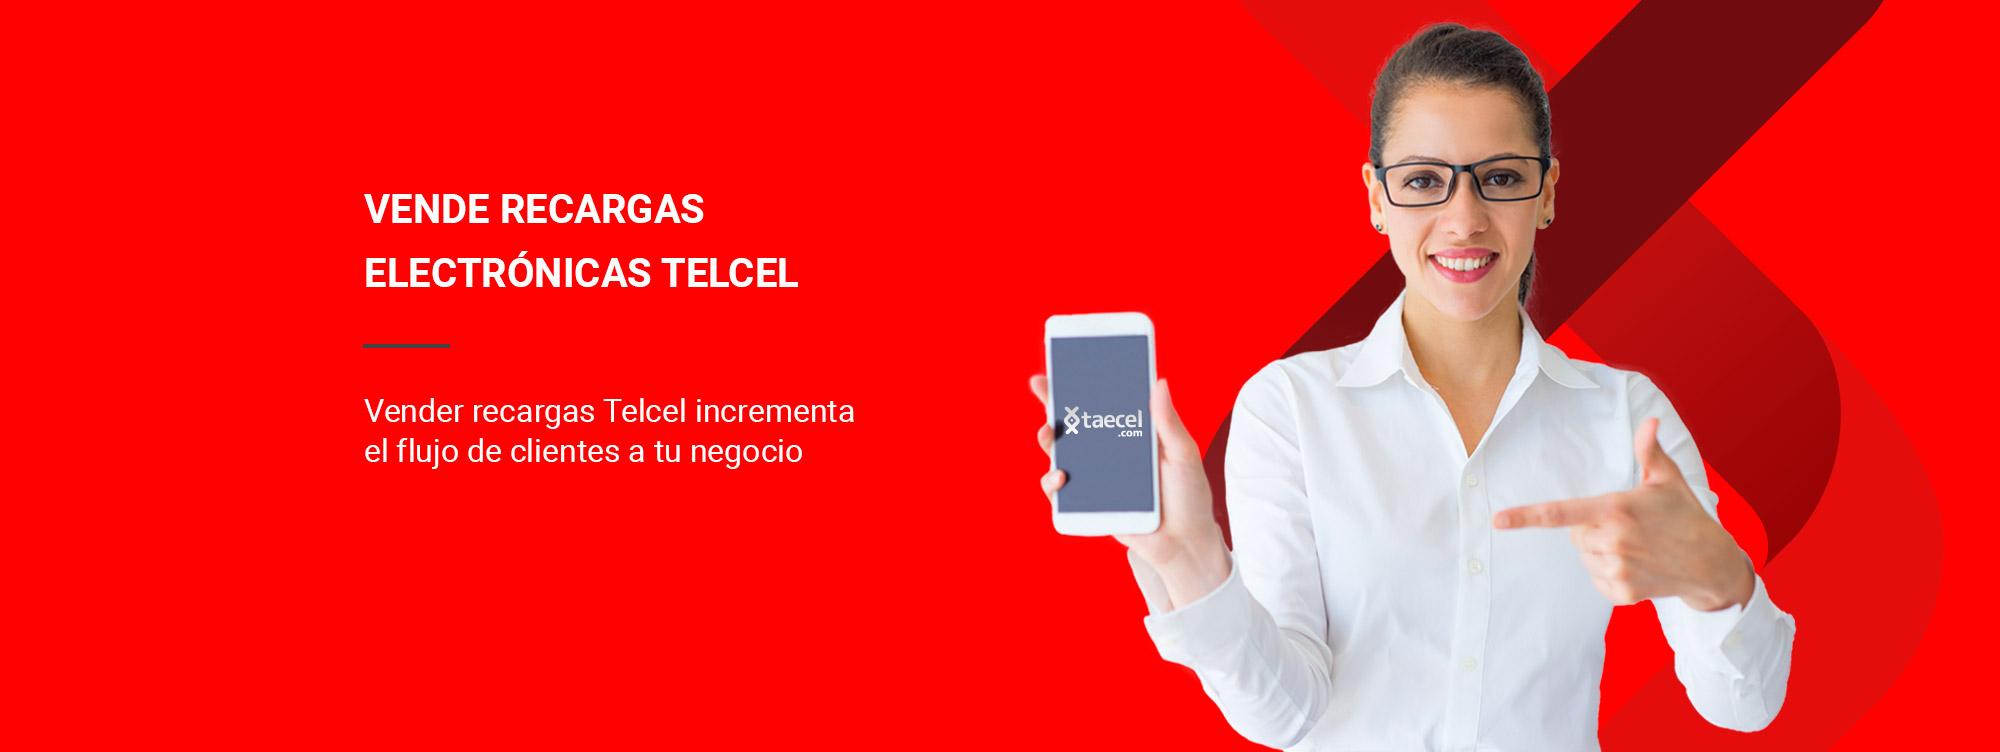 VENDE RECARGAS ELECTRÓNICAS TELCEL, Vender recargas Telcel incrementa el flujo de clientes a tu negocio. Como hacer una recarga de saldo